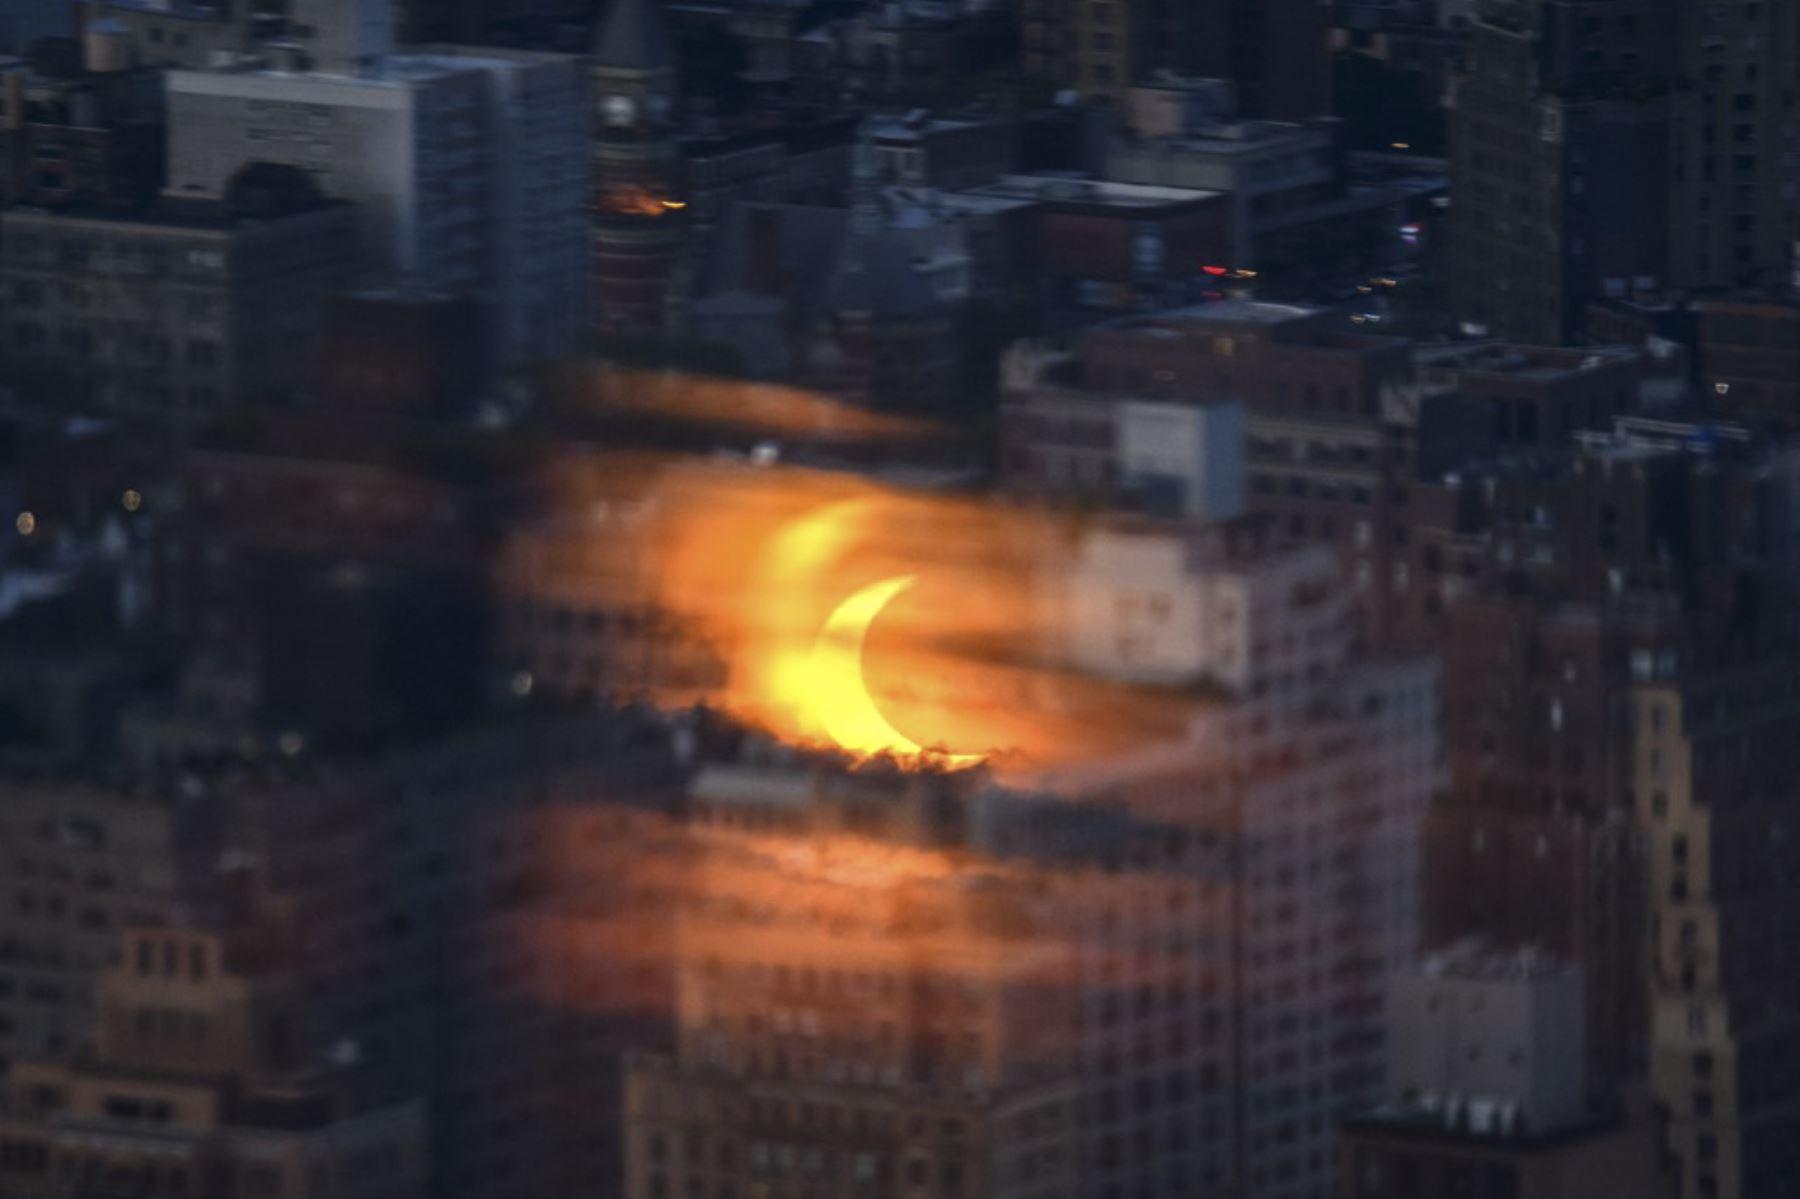 Un eclipse solar parcial se refleja en un panel de vidrio antes de los edificios del horizonte de Manhattan, desde el mirador de Edge en Nueva York el 10 de junio de 2021. Foto: AFP